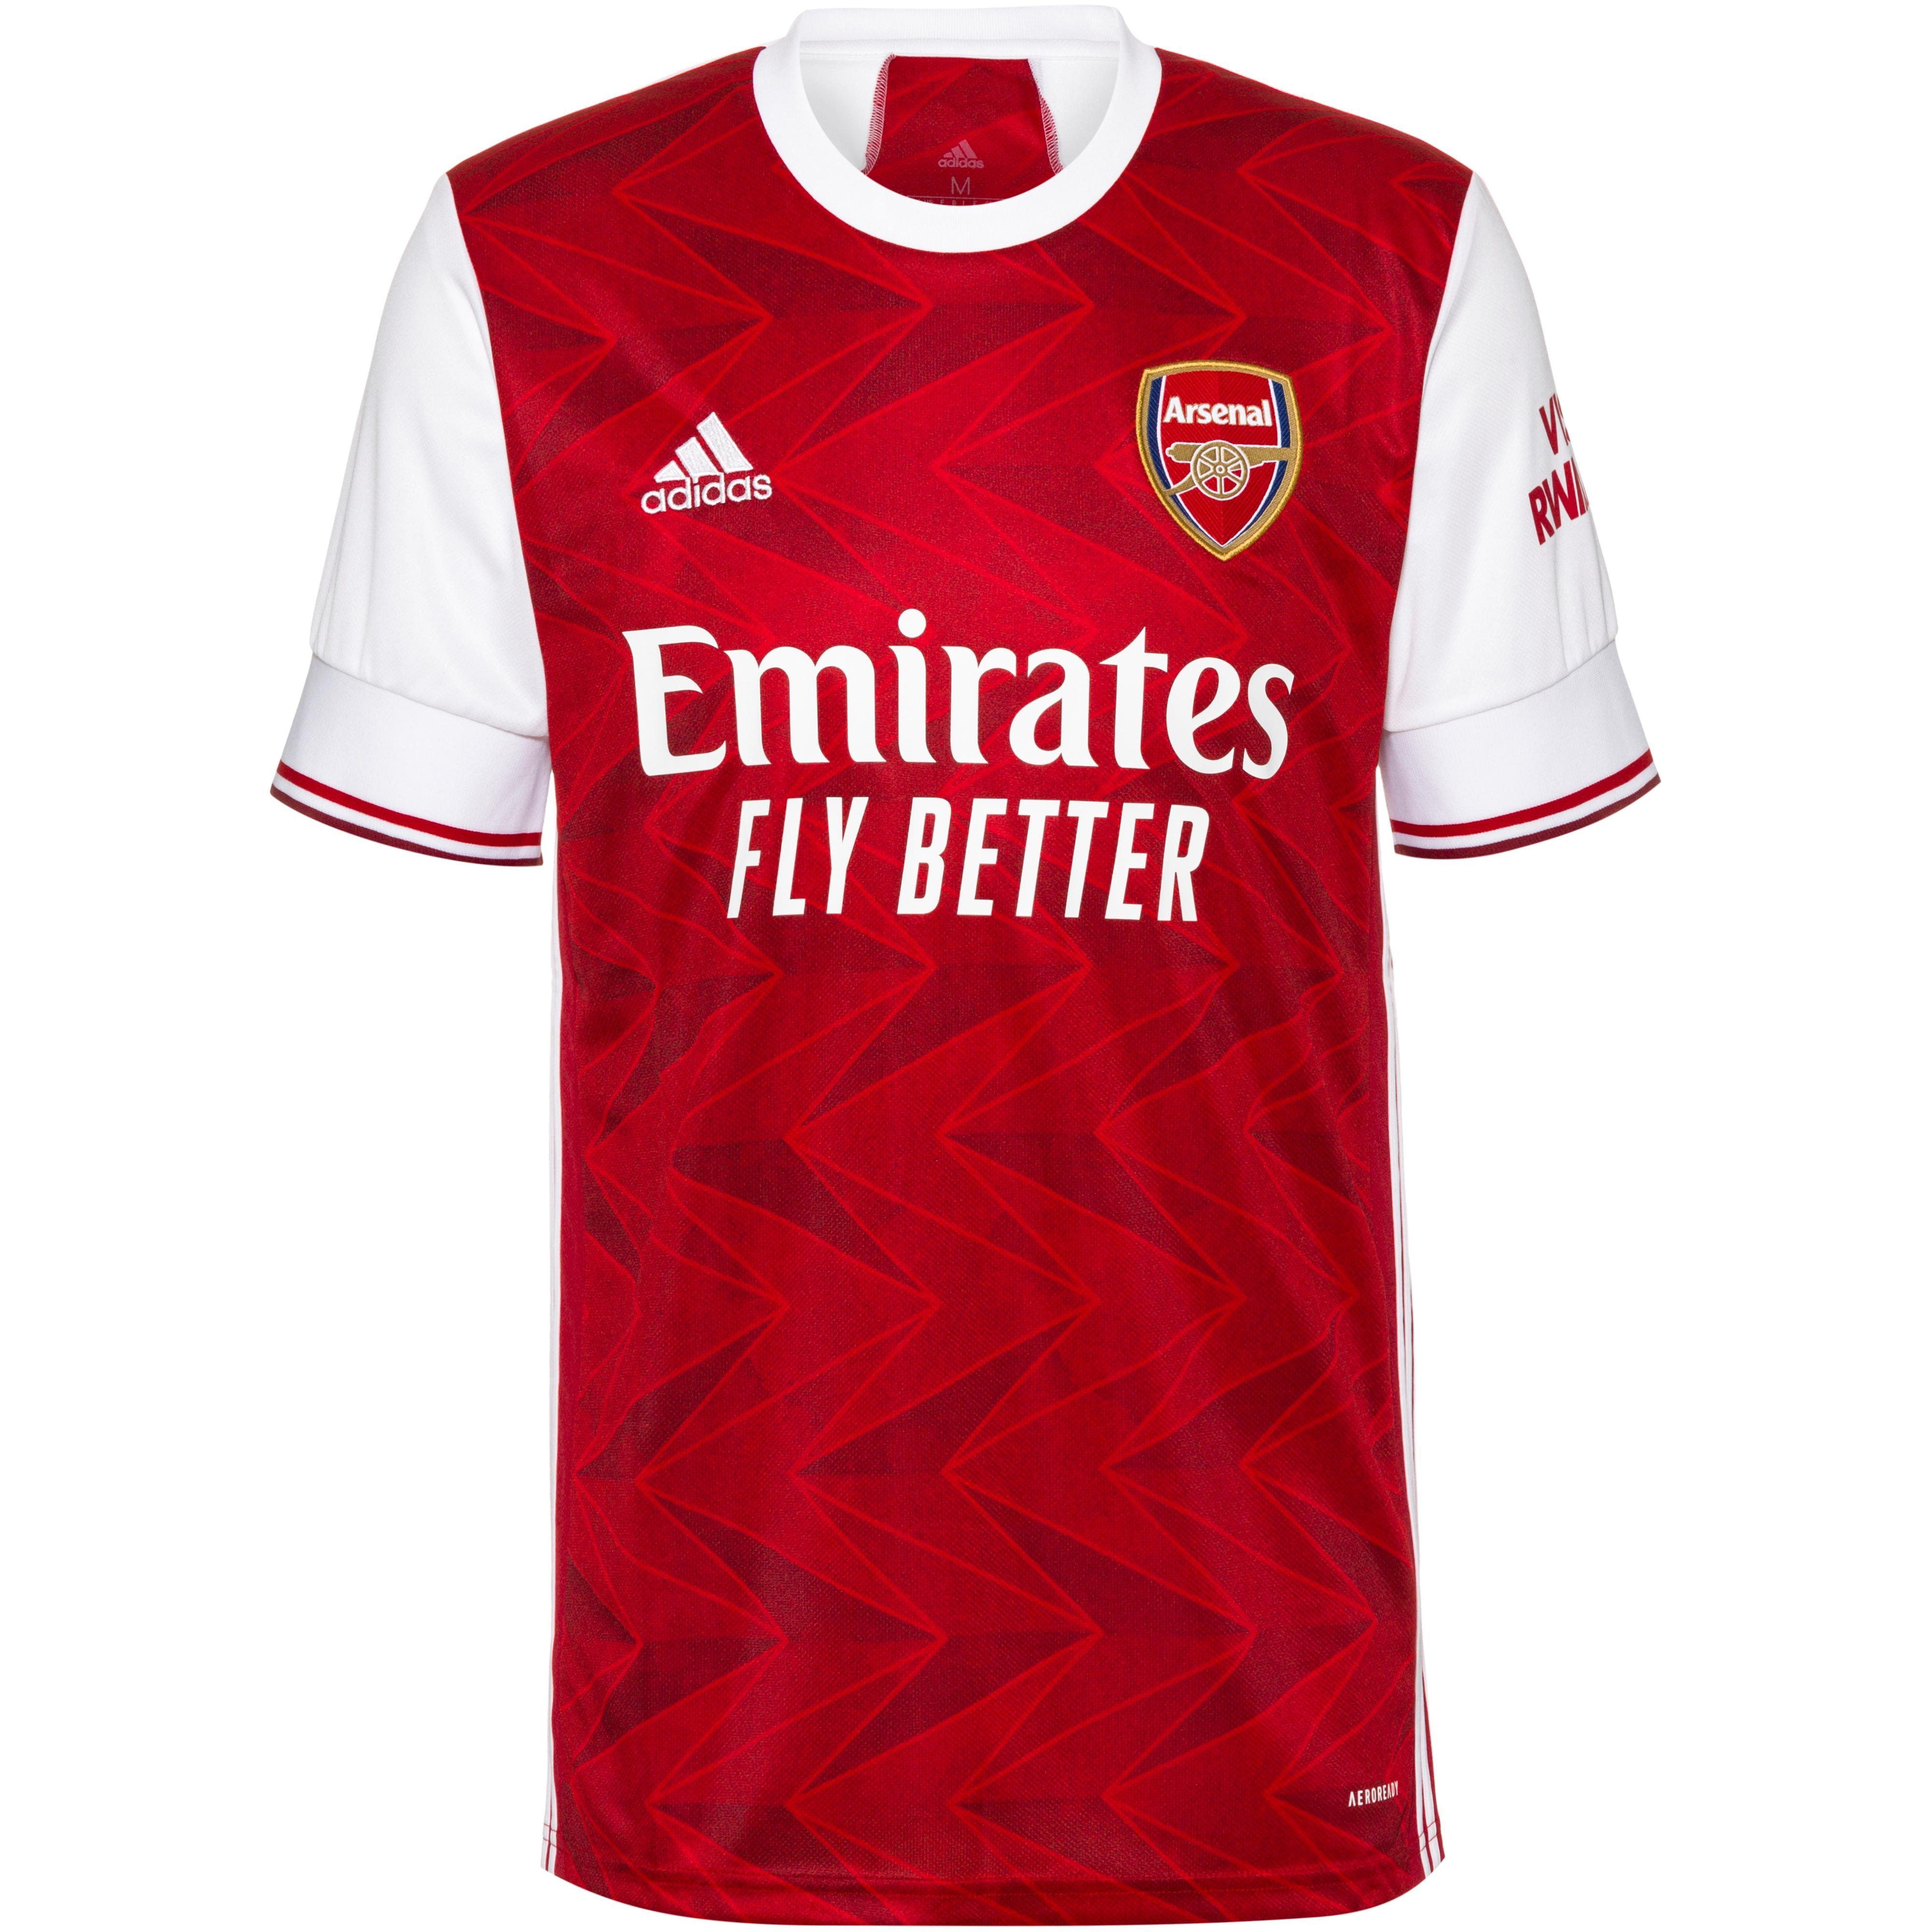 adidas arsenal london 20 21 heim trikot herren active maroon im online shop von sportscheck kaufen